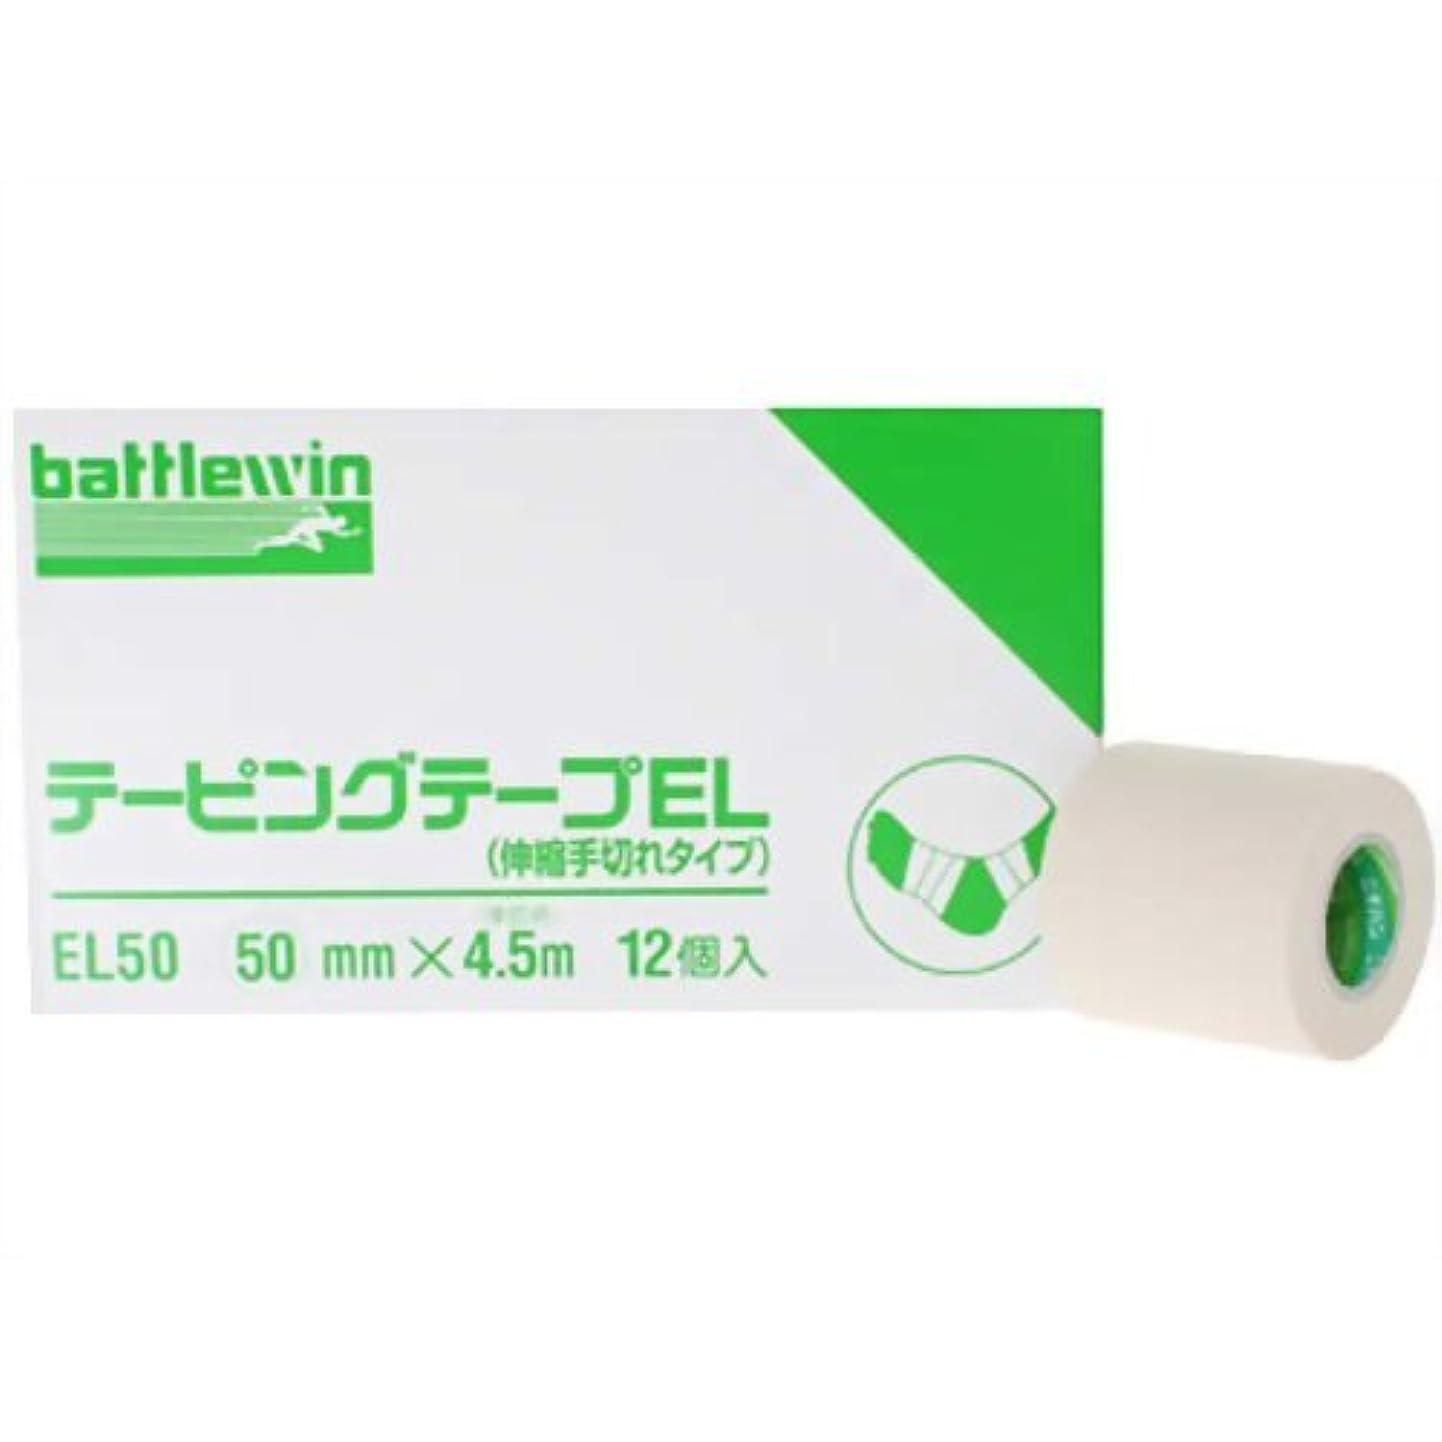 二十お風呂を持っているに慣れバトルウィン テーピングテープEL 伸縮・手切れタイプ 50mm*4.5m 12個入 EL50